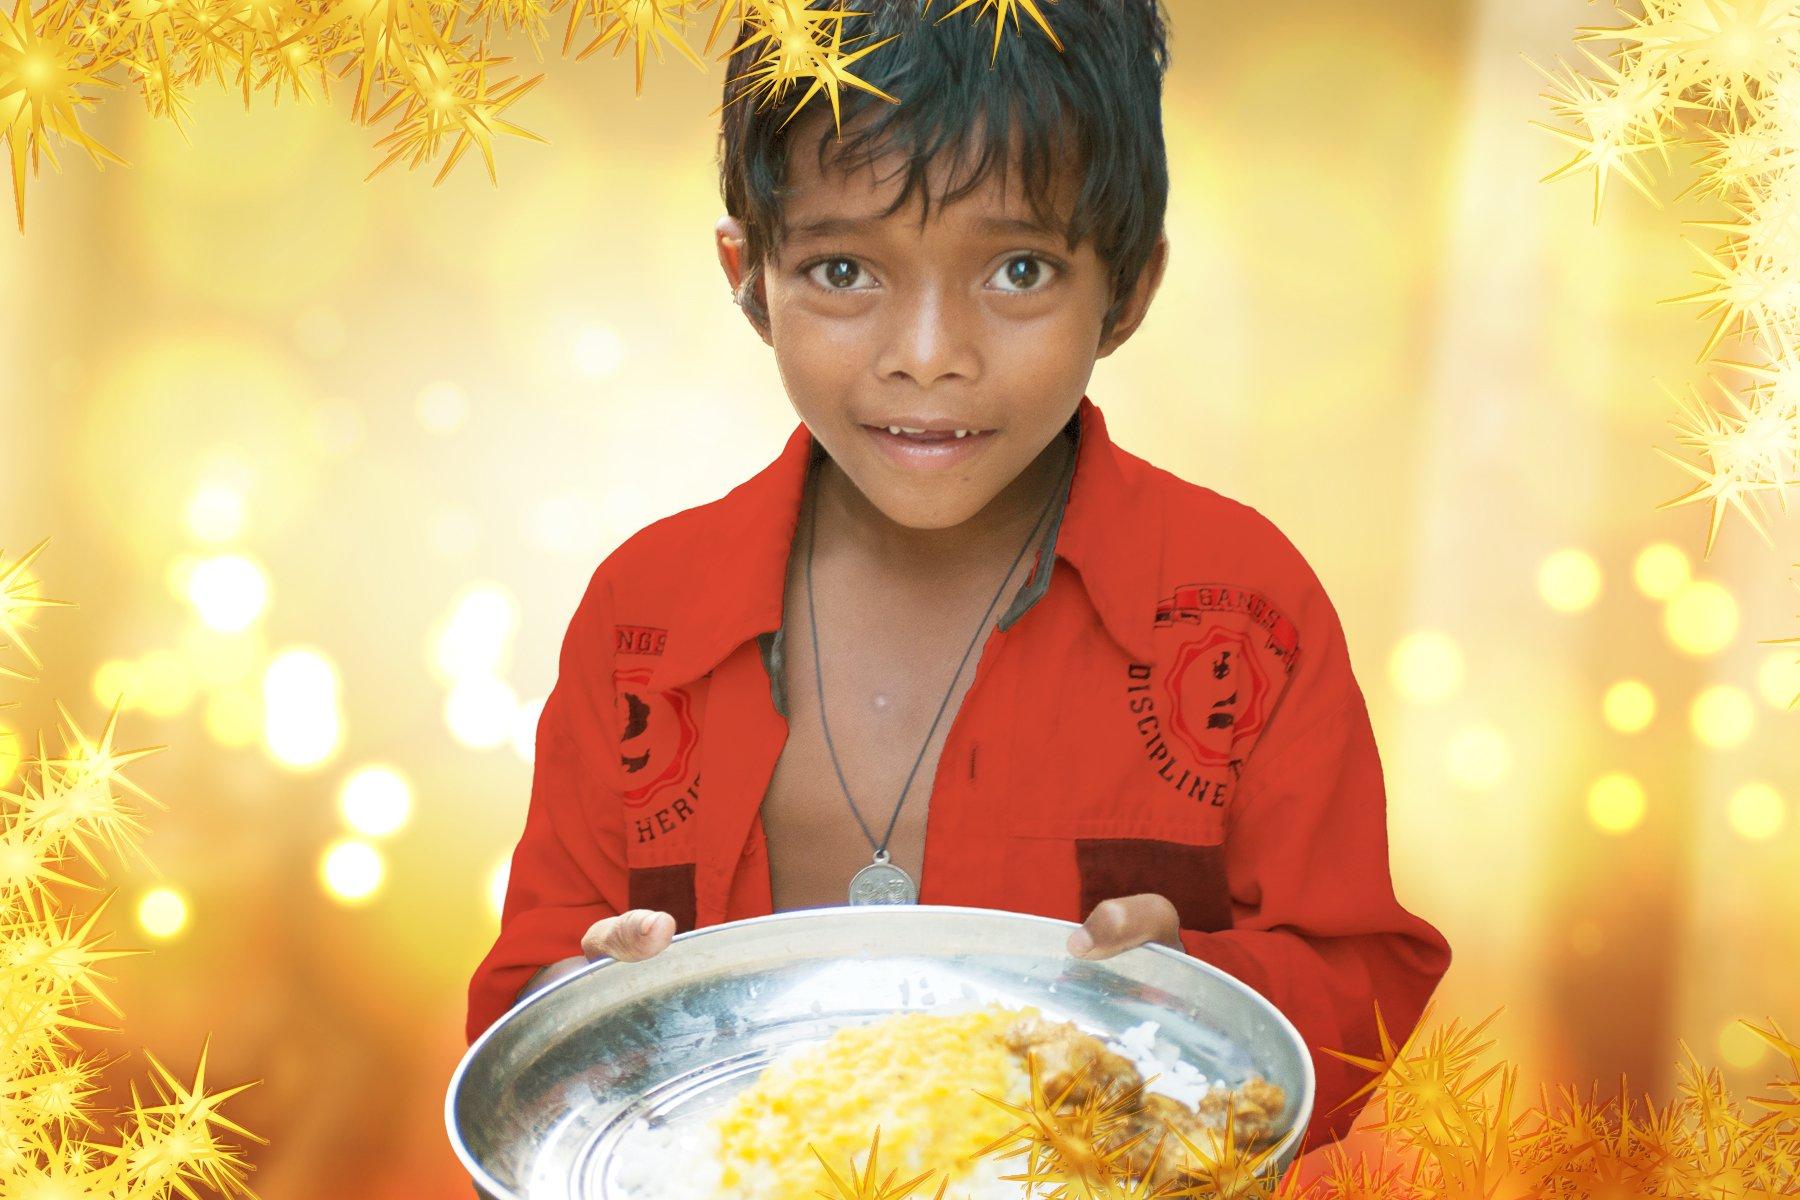 12-10-boy-with-food.jpg